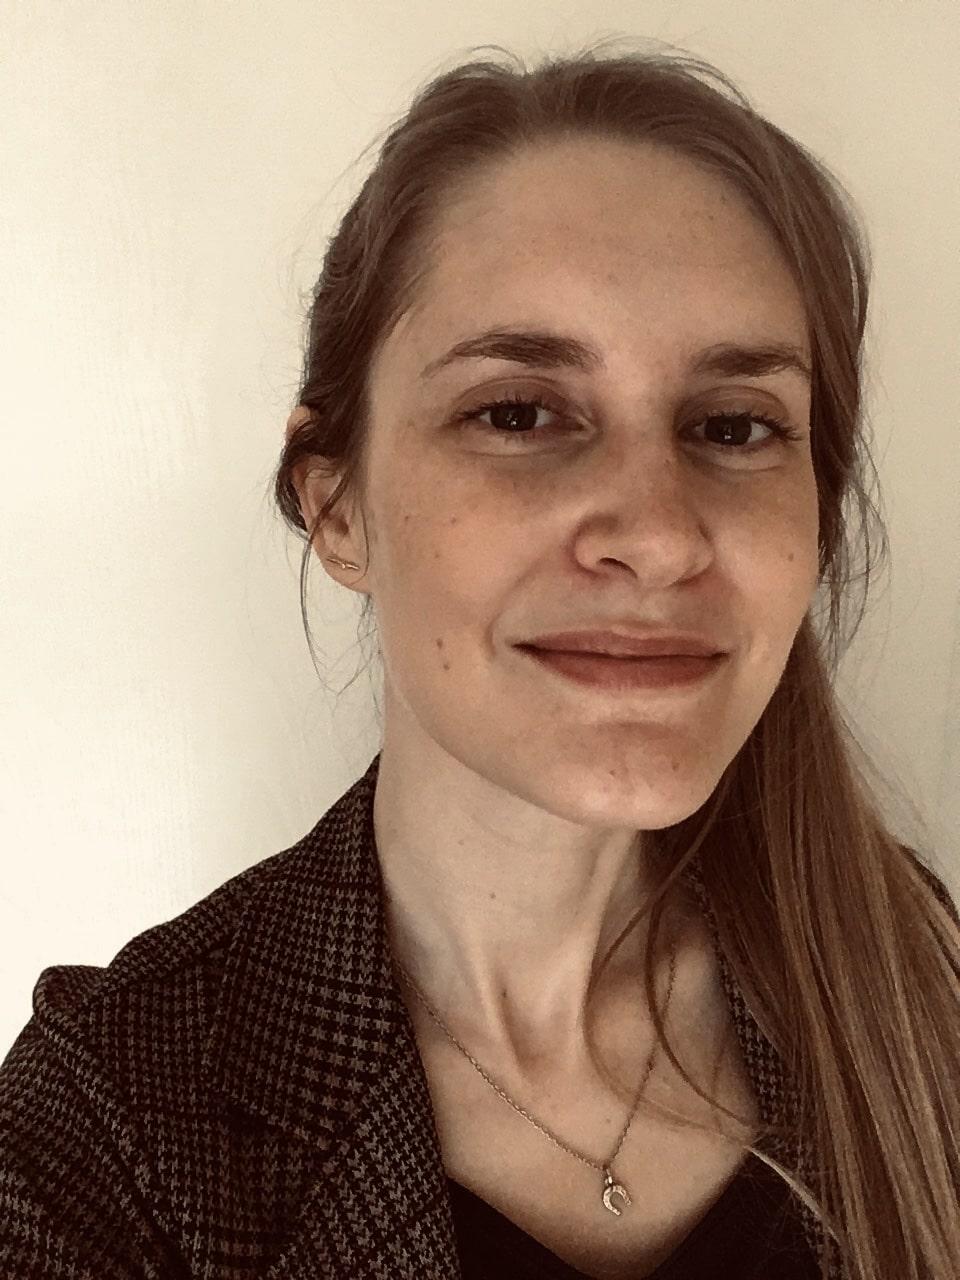 Nastassja, artiste, auteure et messagère